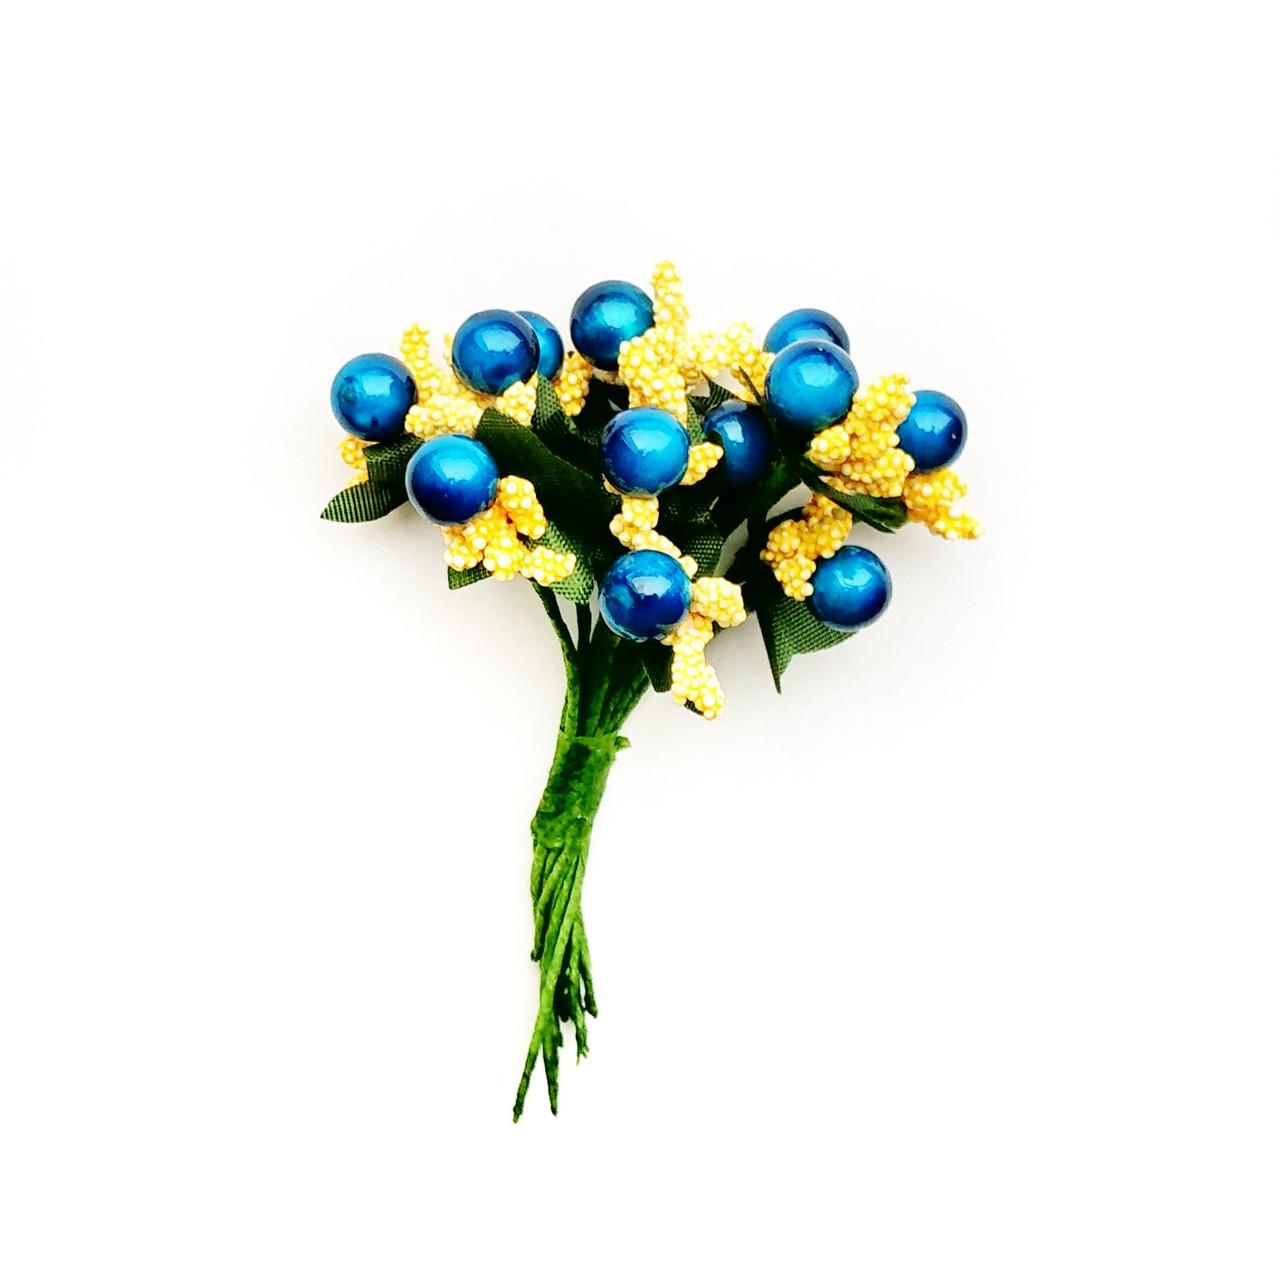 Добавка синяя с желтым12 шт